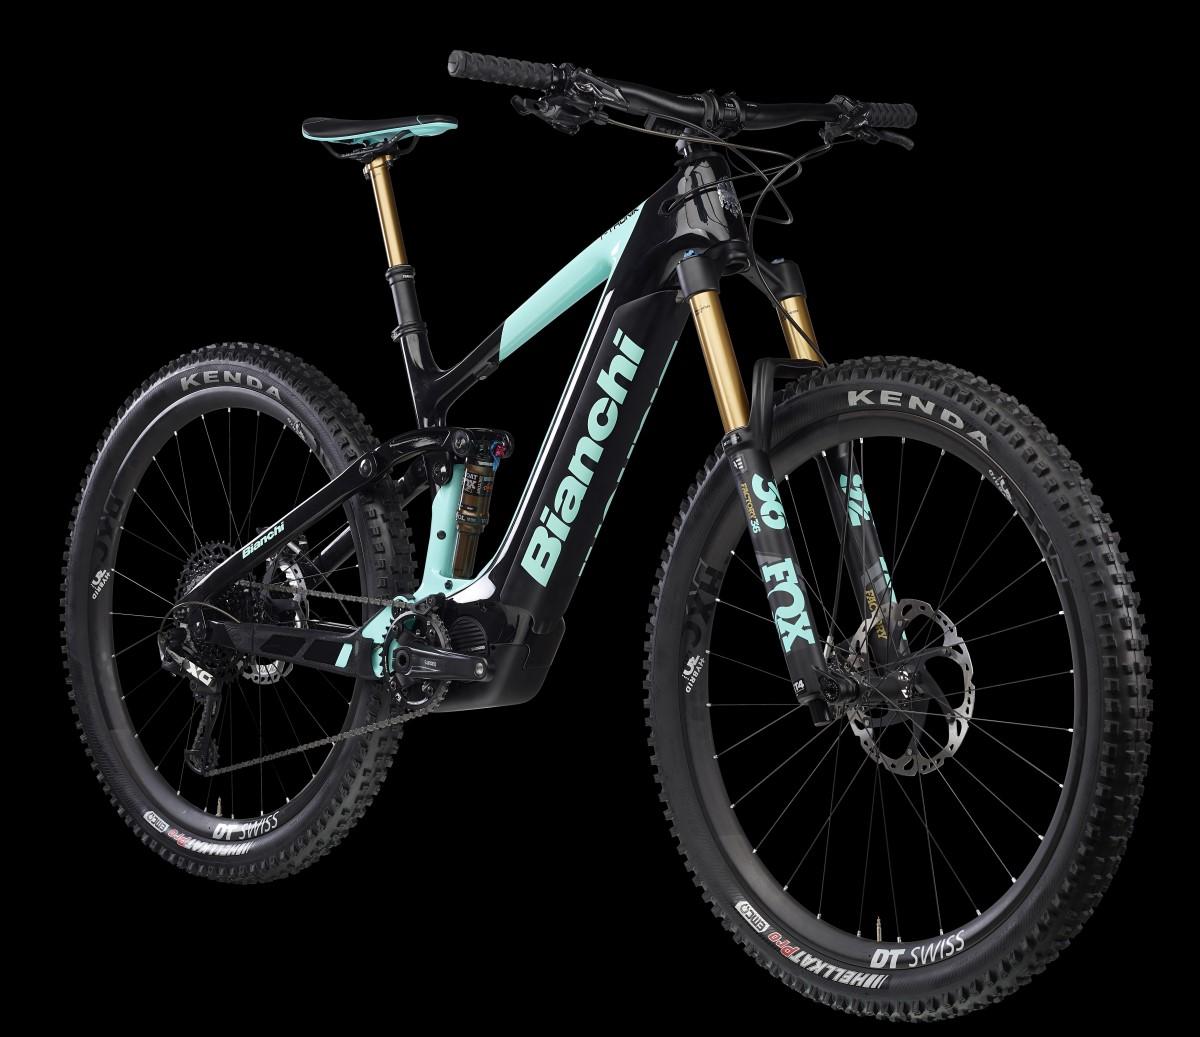 Bianchi Presenta T Tronic La Sua Nuova Famiglia Di E Bike Declinata